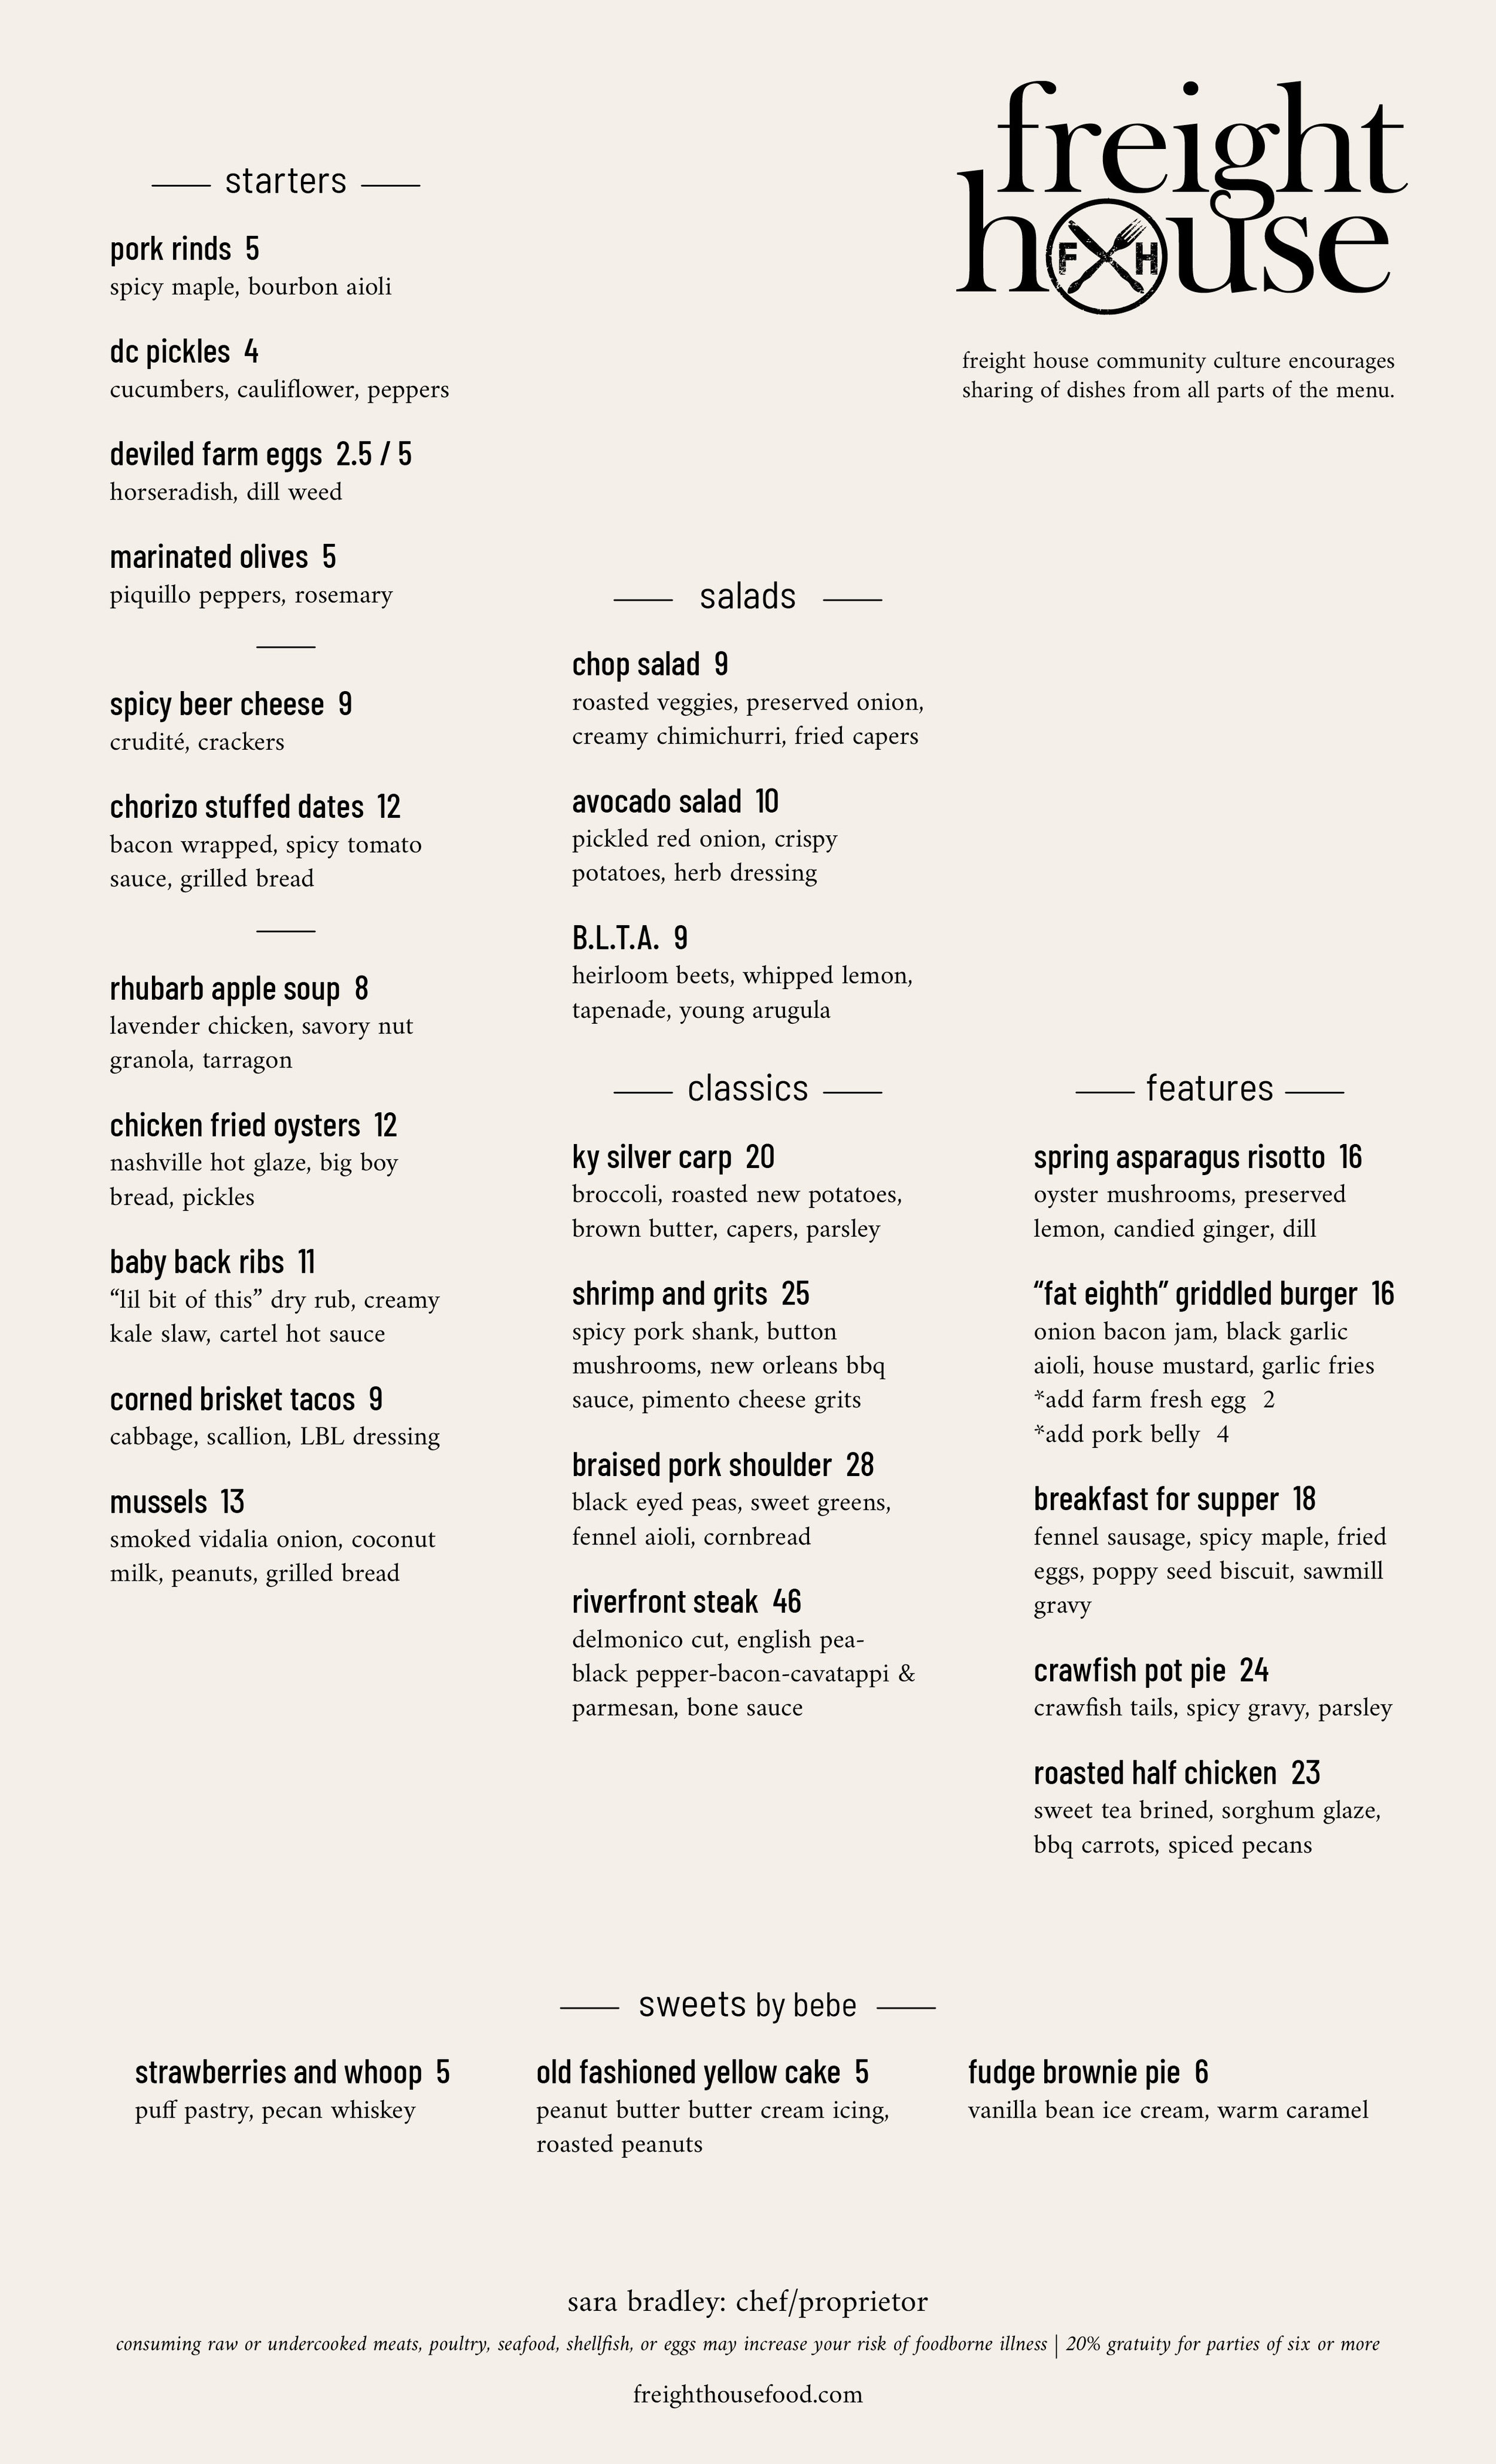 fh-menu-final-quiltweek-2018-o.jpg